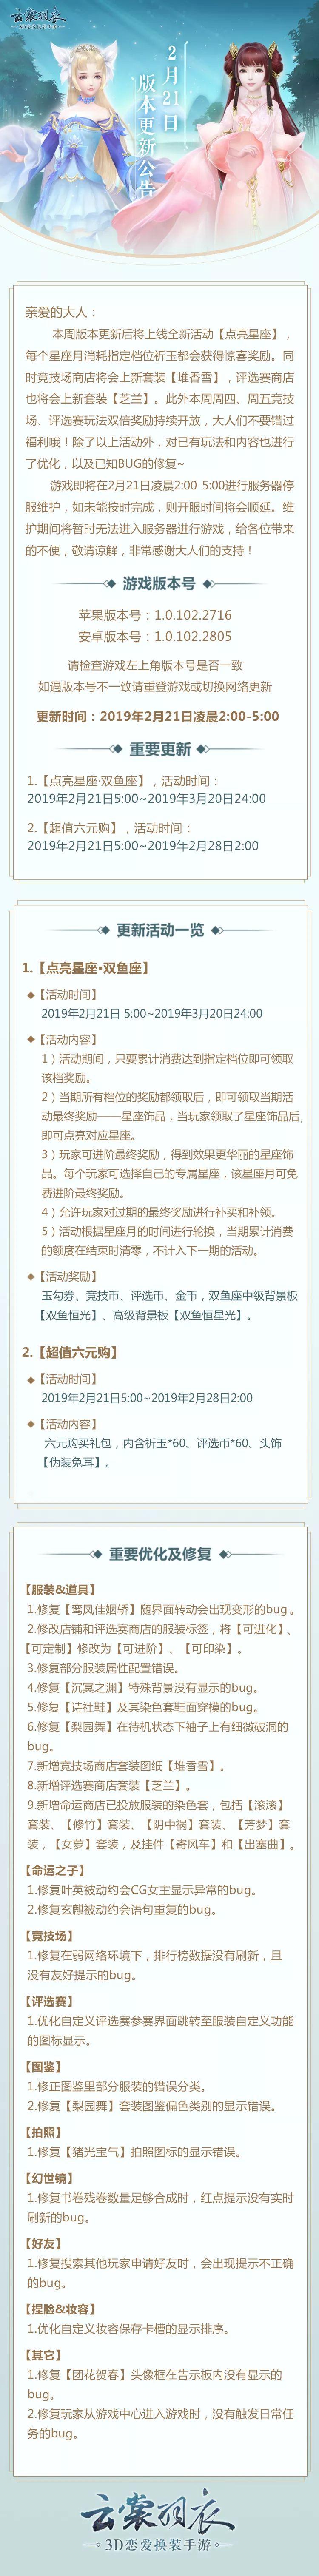 云裳羽衣2月21日更新公告